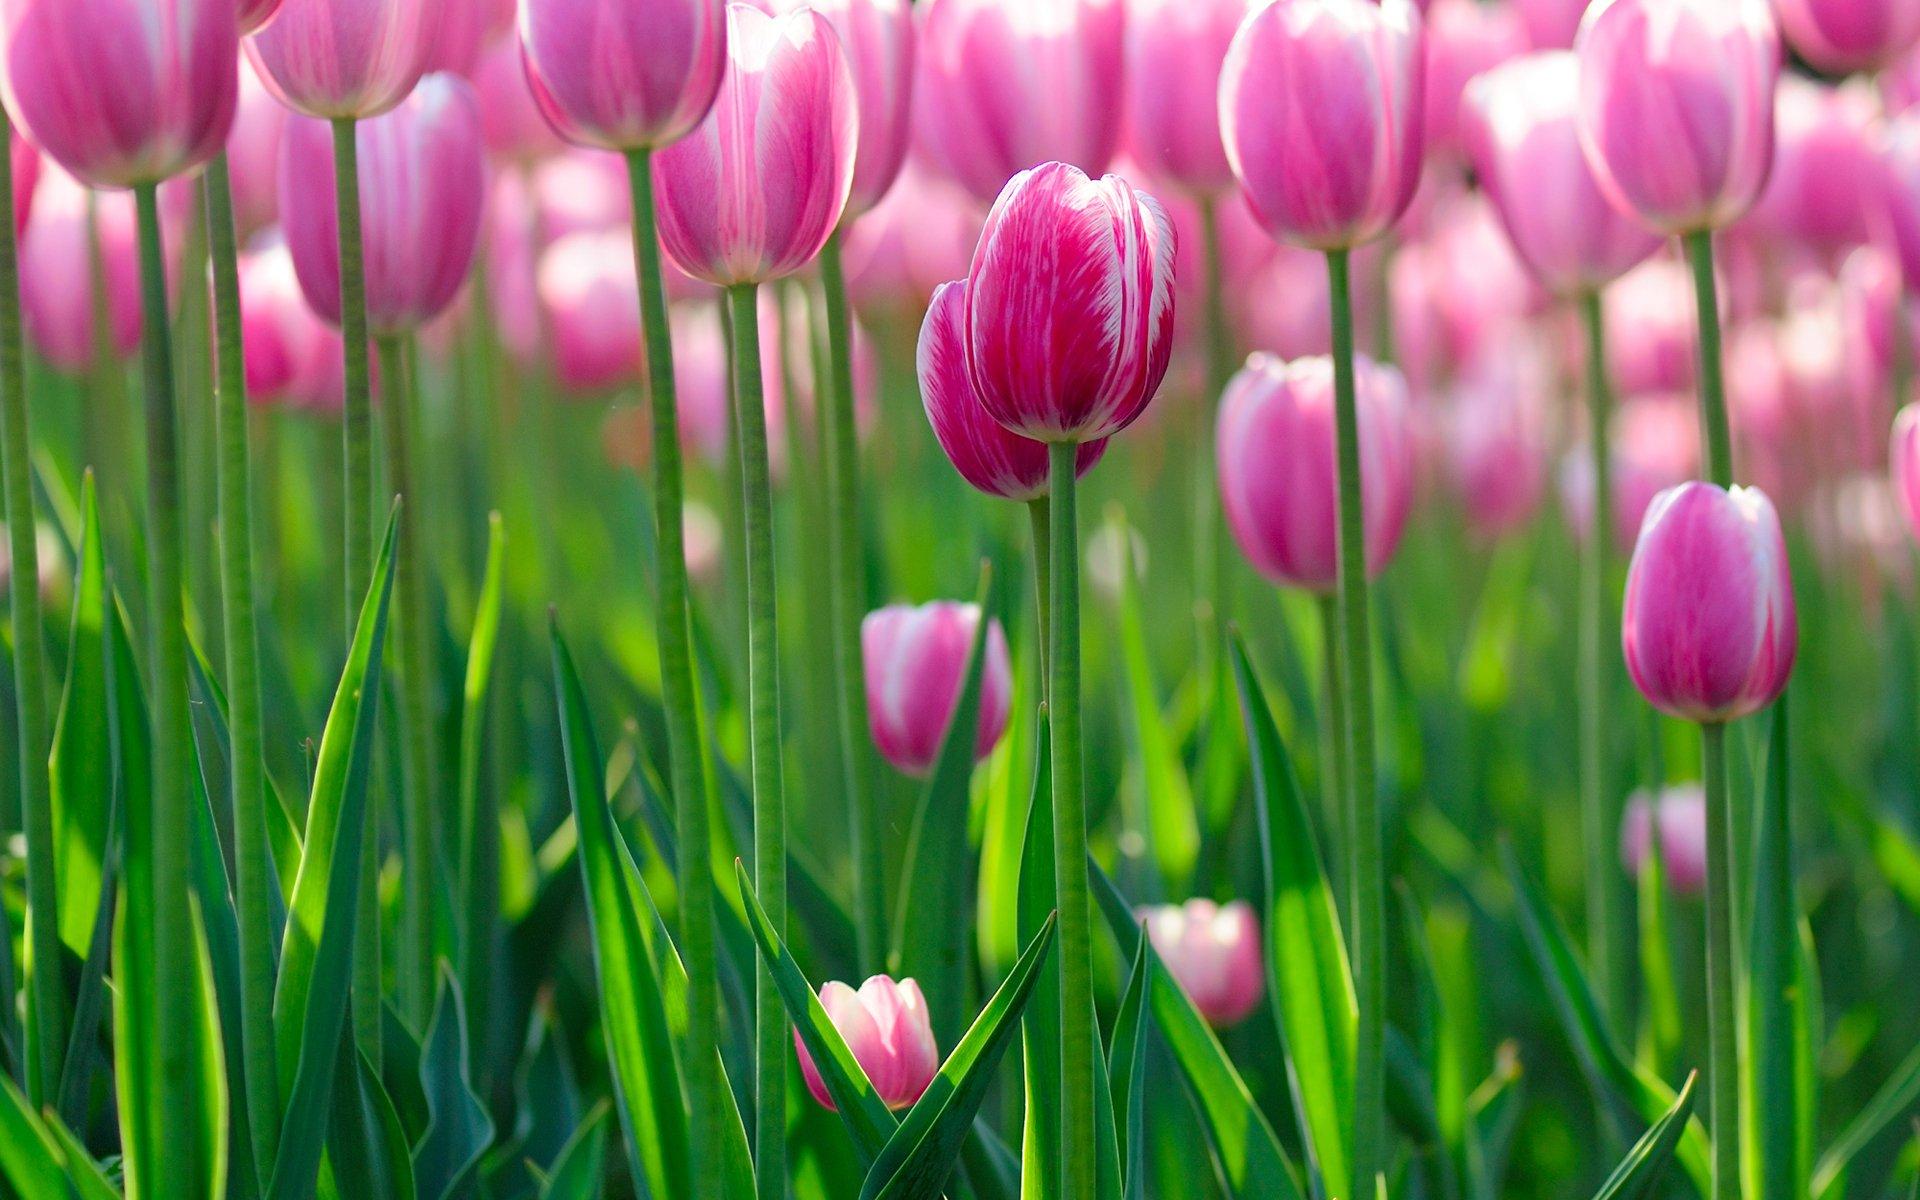 тюльпаны свет цветы  № 736298 загрузить